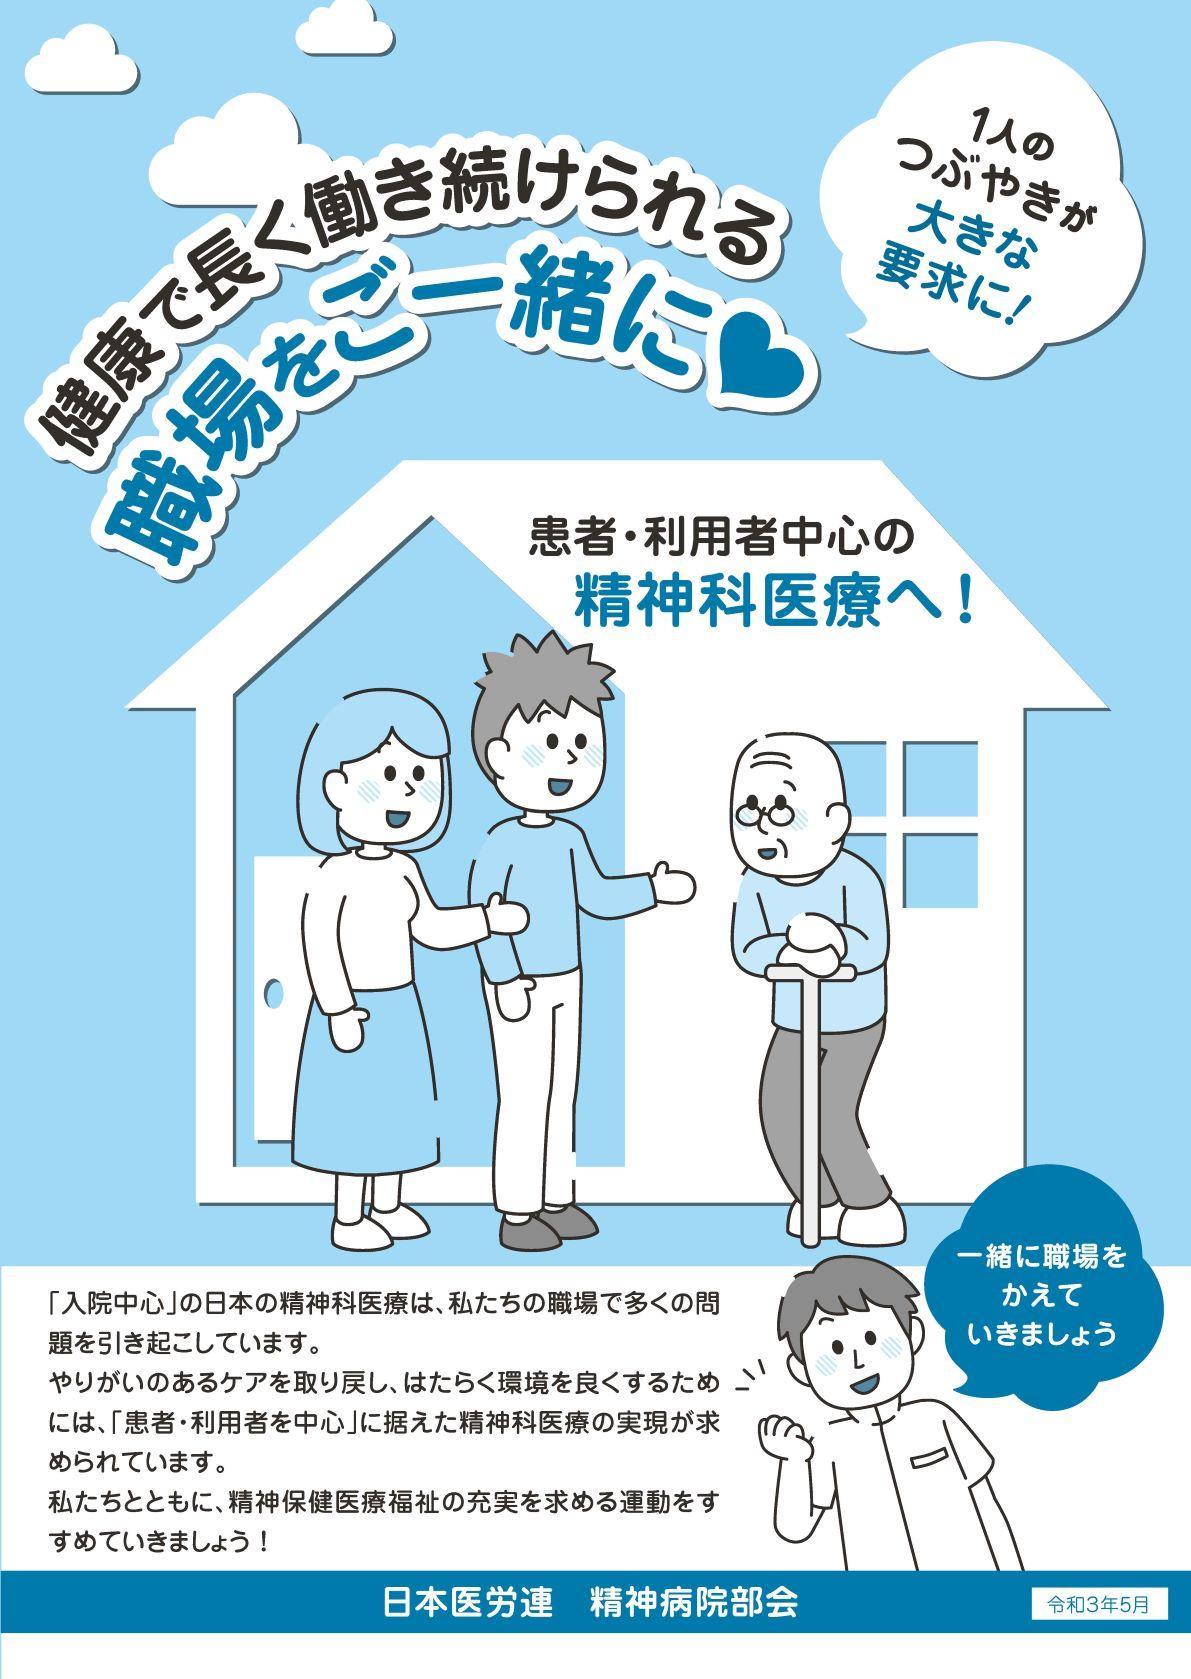 医労連精神部パンフ最終PDF (003)_ページ_1.jpg